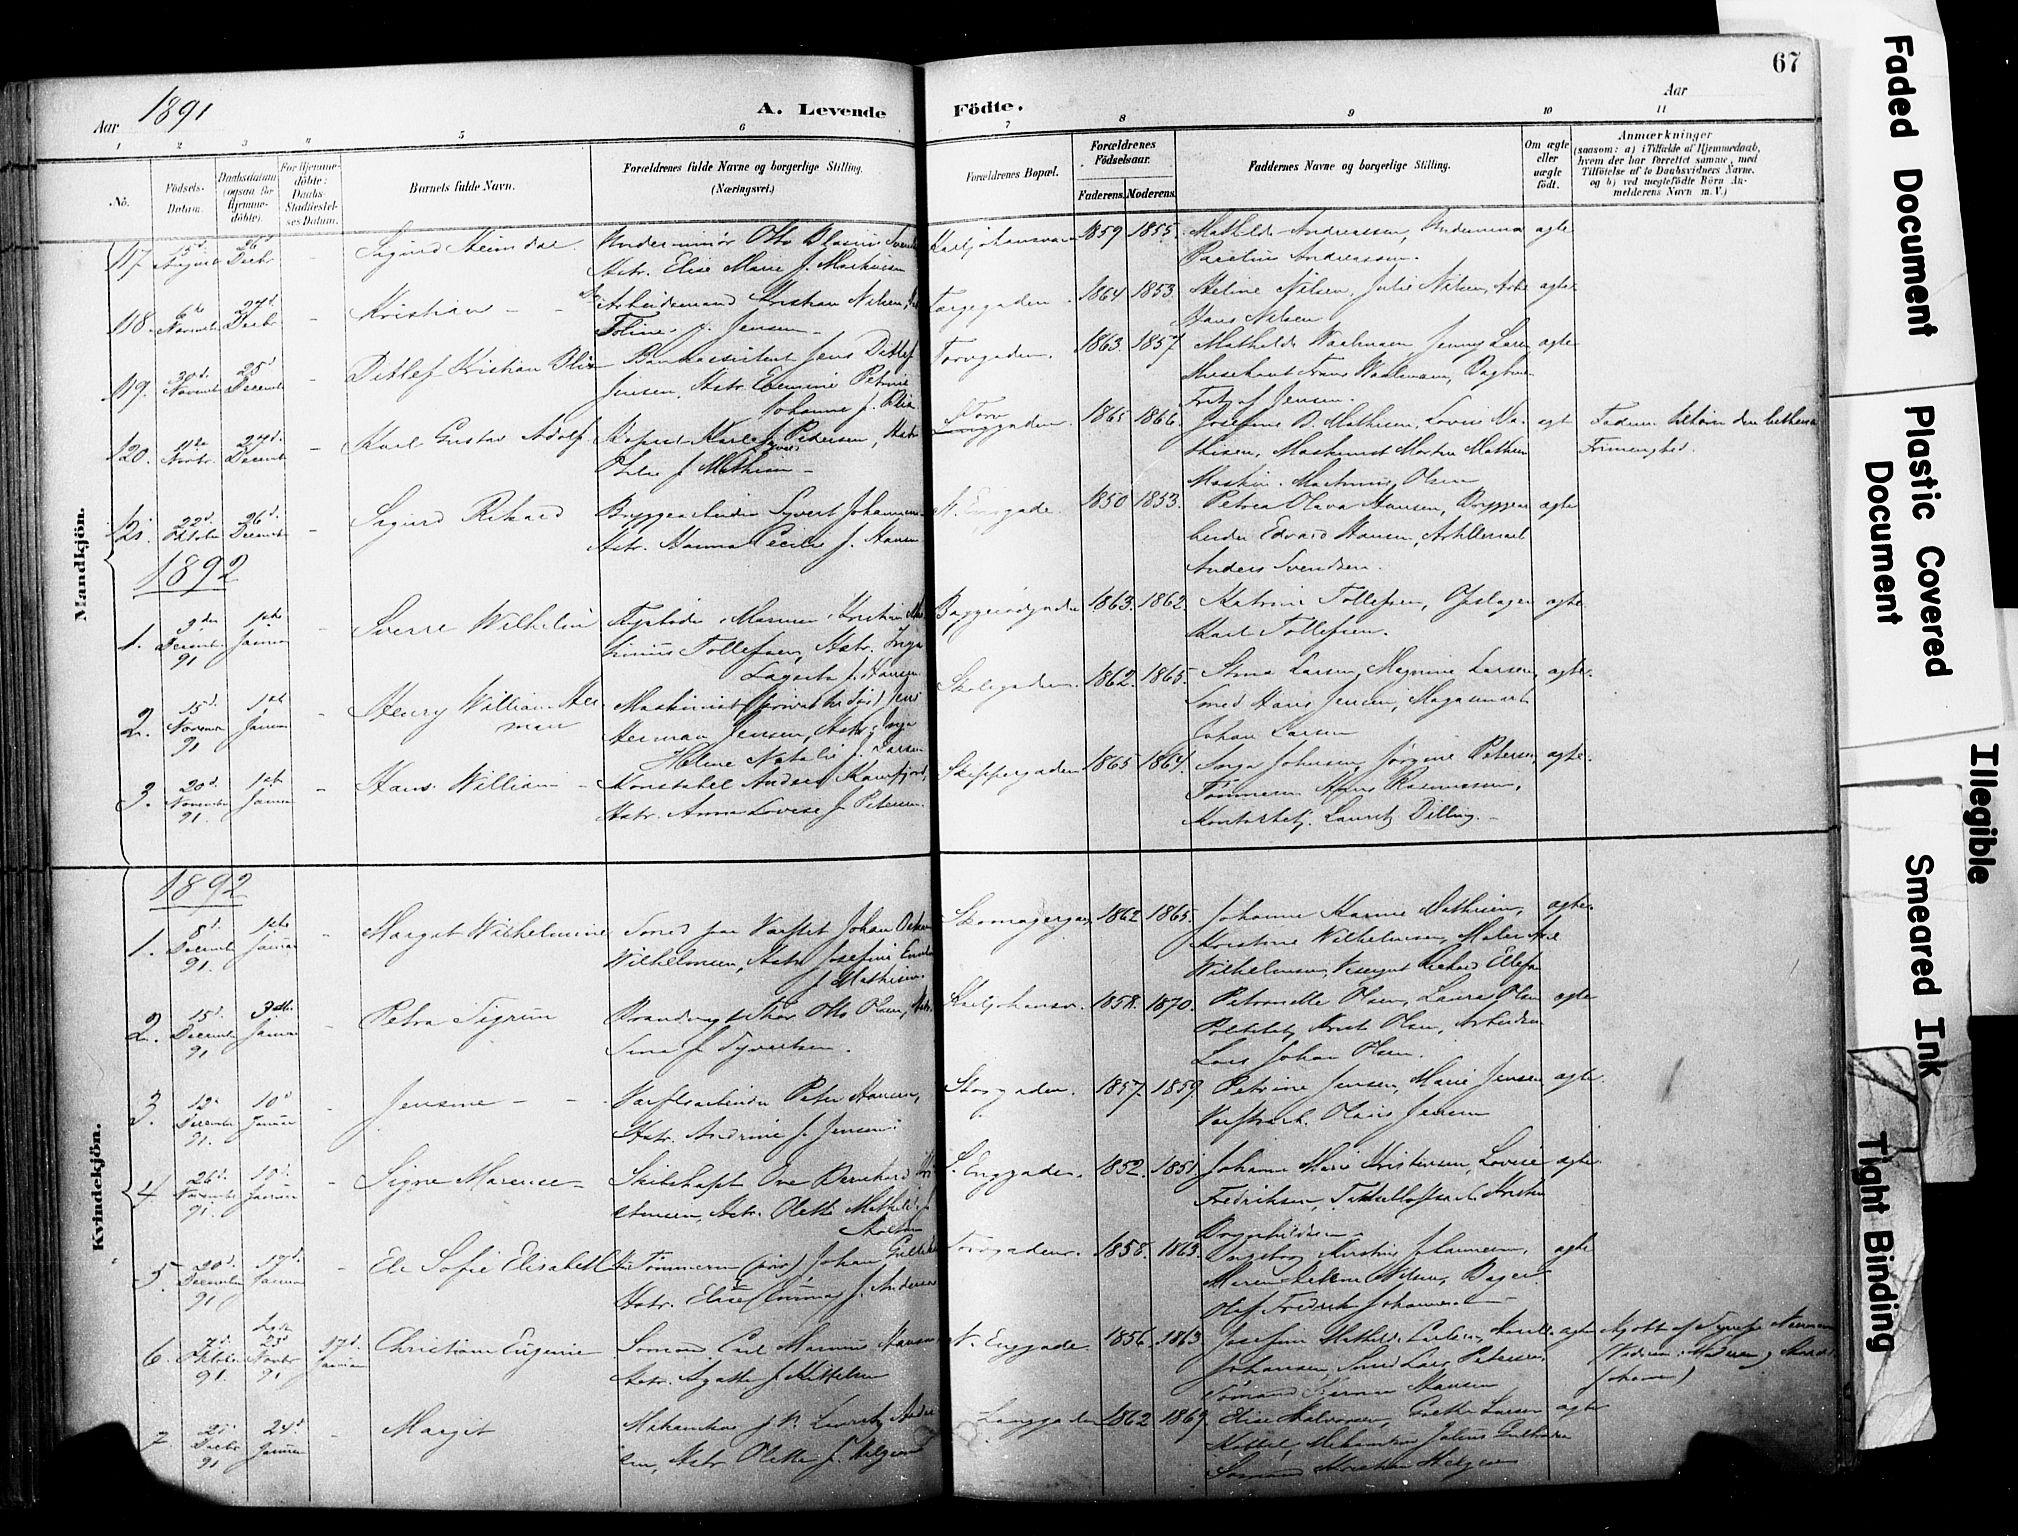 SAKO, Horten kirkebøker, F/Fa/L0004: Ministerialbok nr. 4, 1888-1895, s. 67